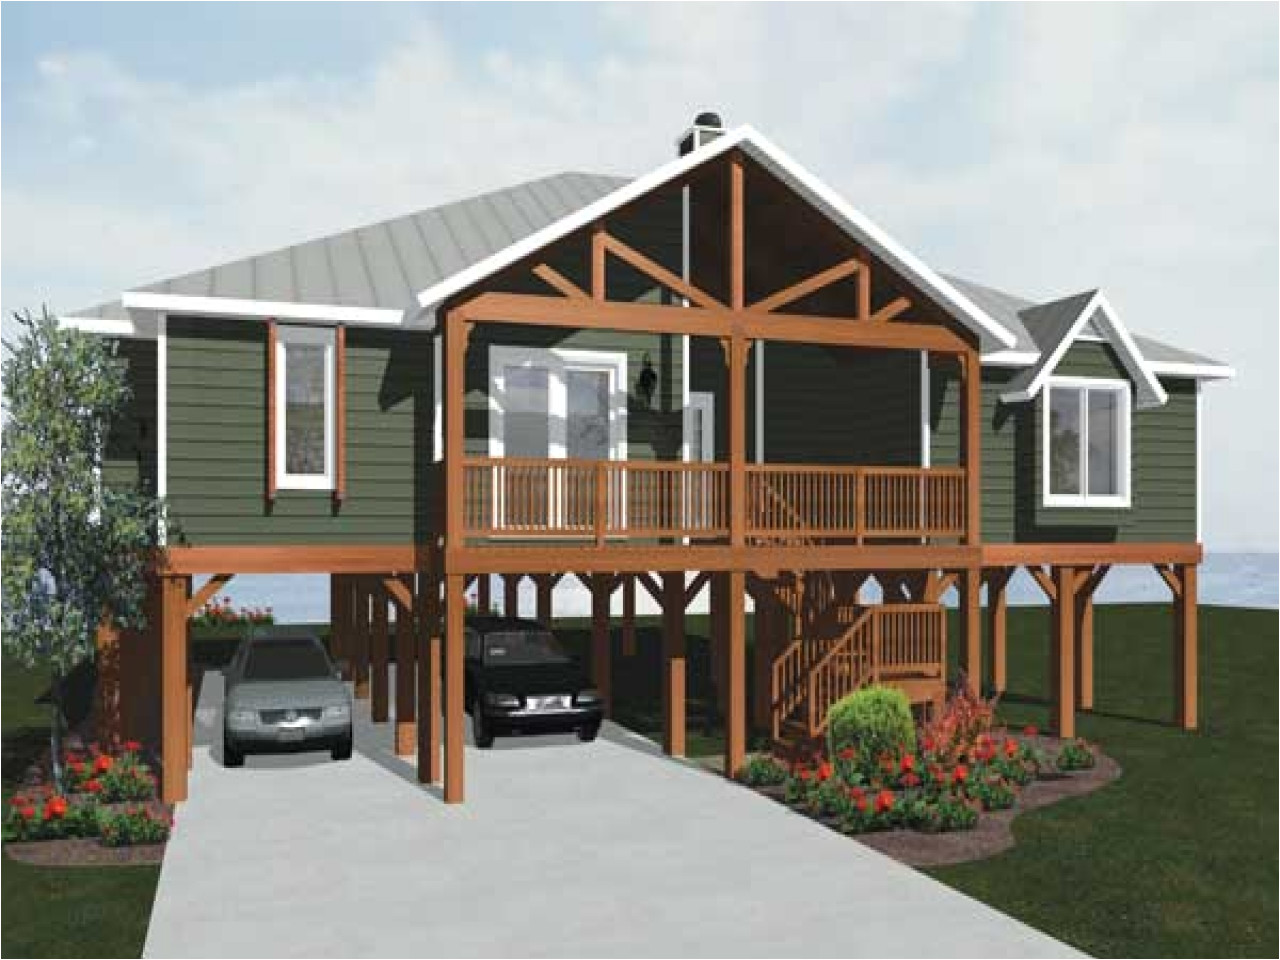 ceb155f96e113f98 beach house plans on piers beach house plans on pilings